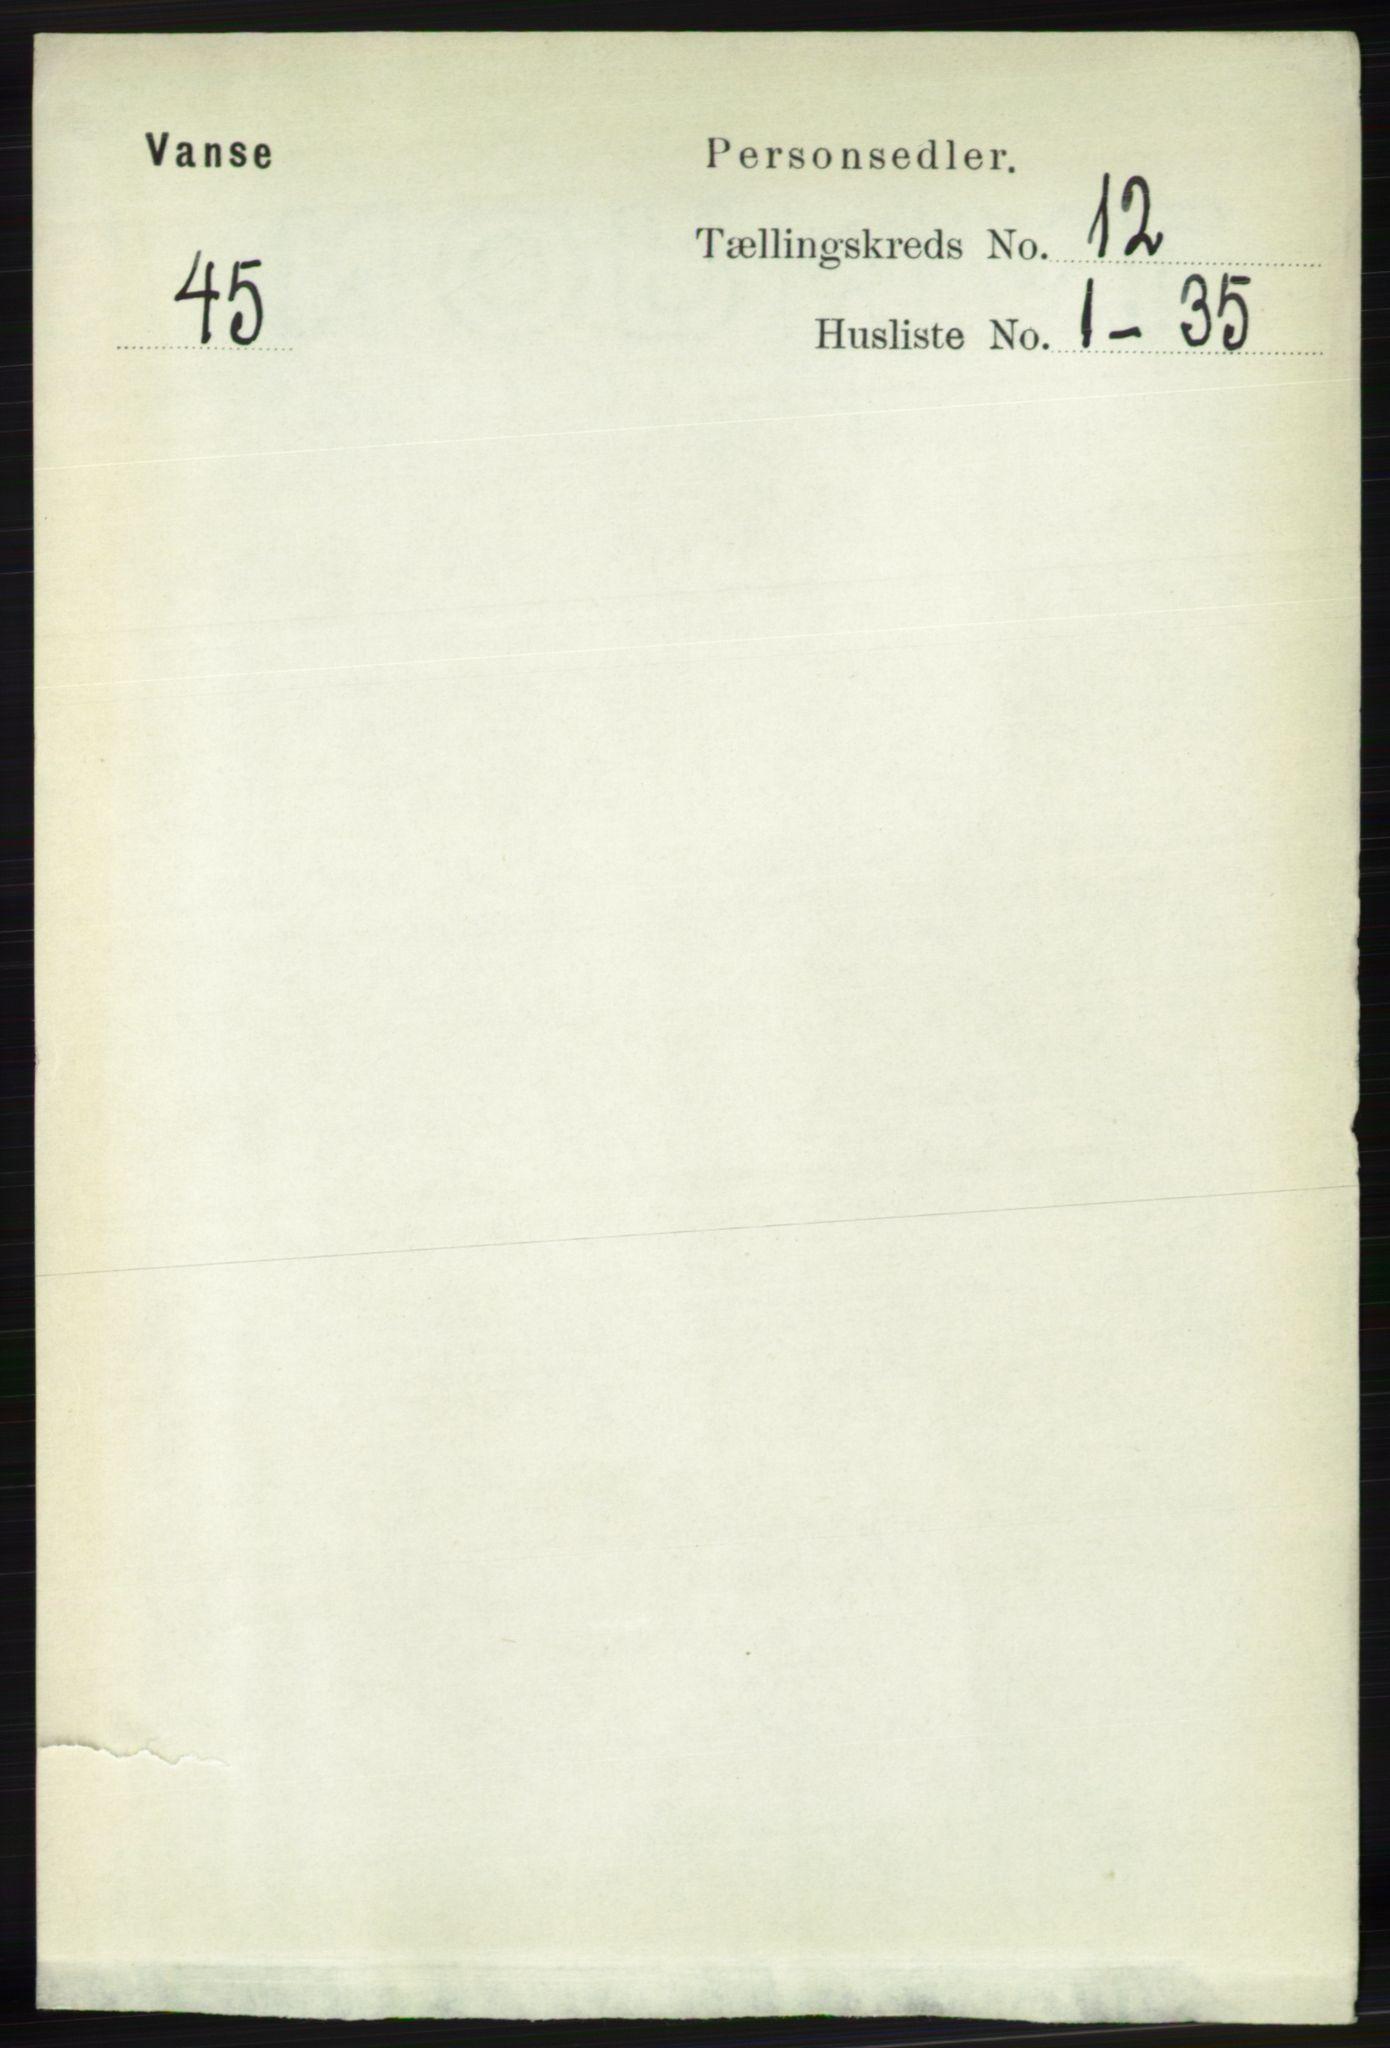 RA, Folketelling 1891 for 1041 Vanse herred, 1891, s. 6805